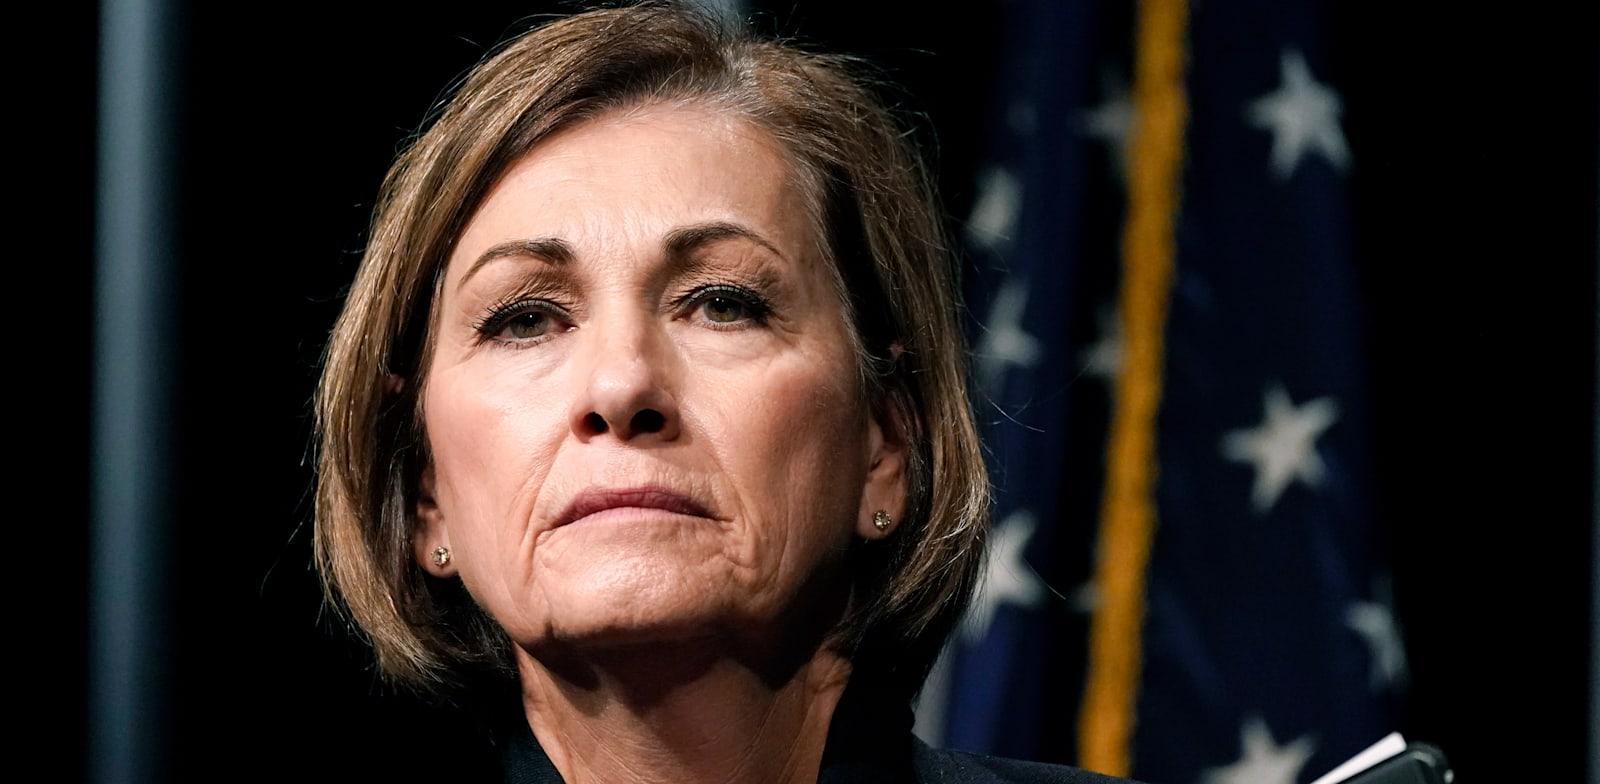 המושלת הרפובליקאית של אייווה, קים רינולדס / צילום: Associated Press, Charlie Neibergall